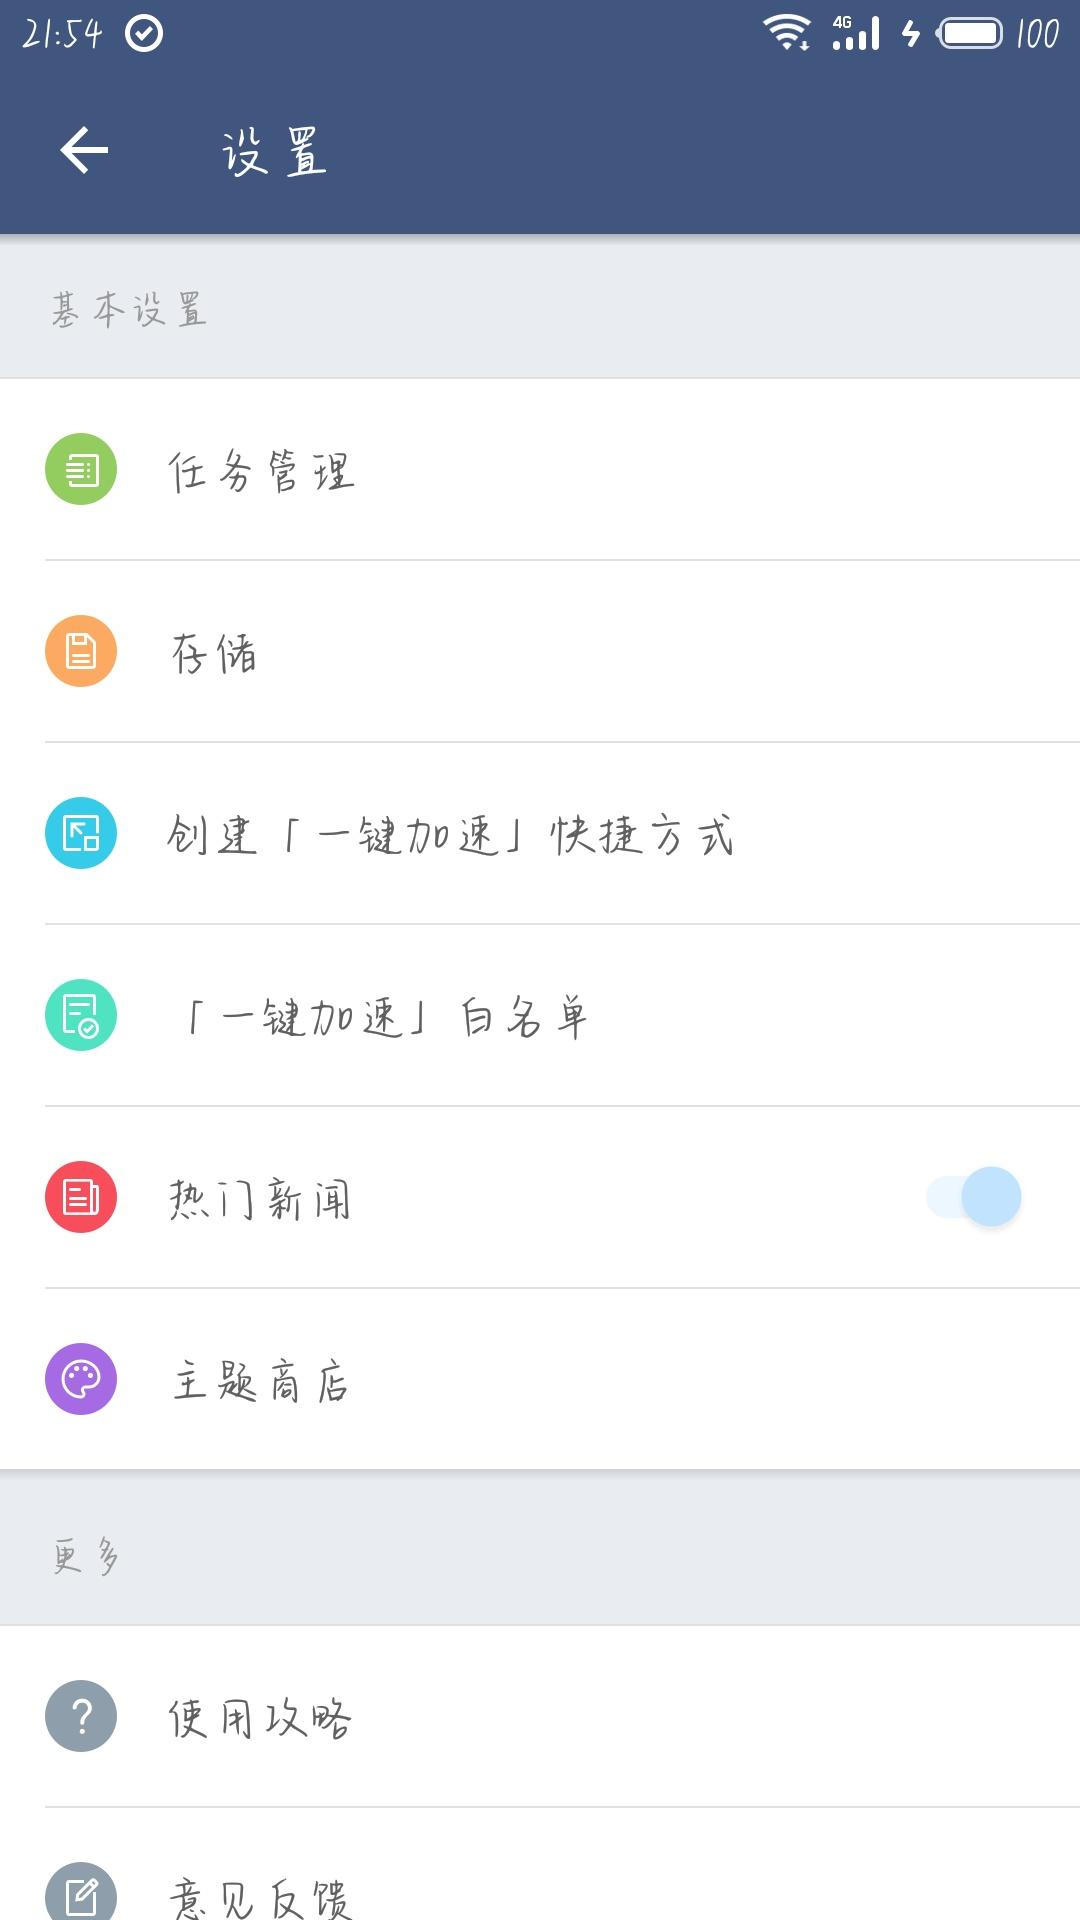 惠小助【资源分享】平行空间国际 破解版,双开应用一键搞定!